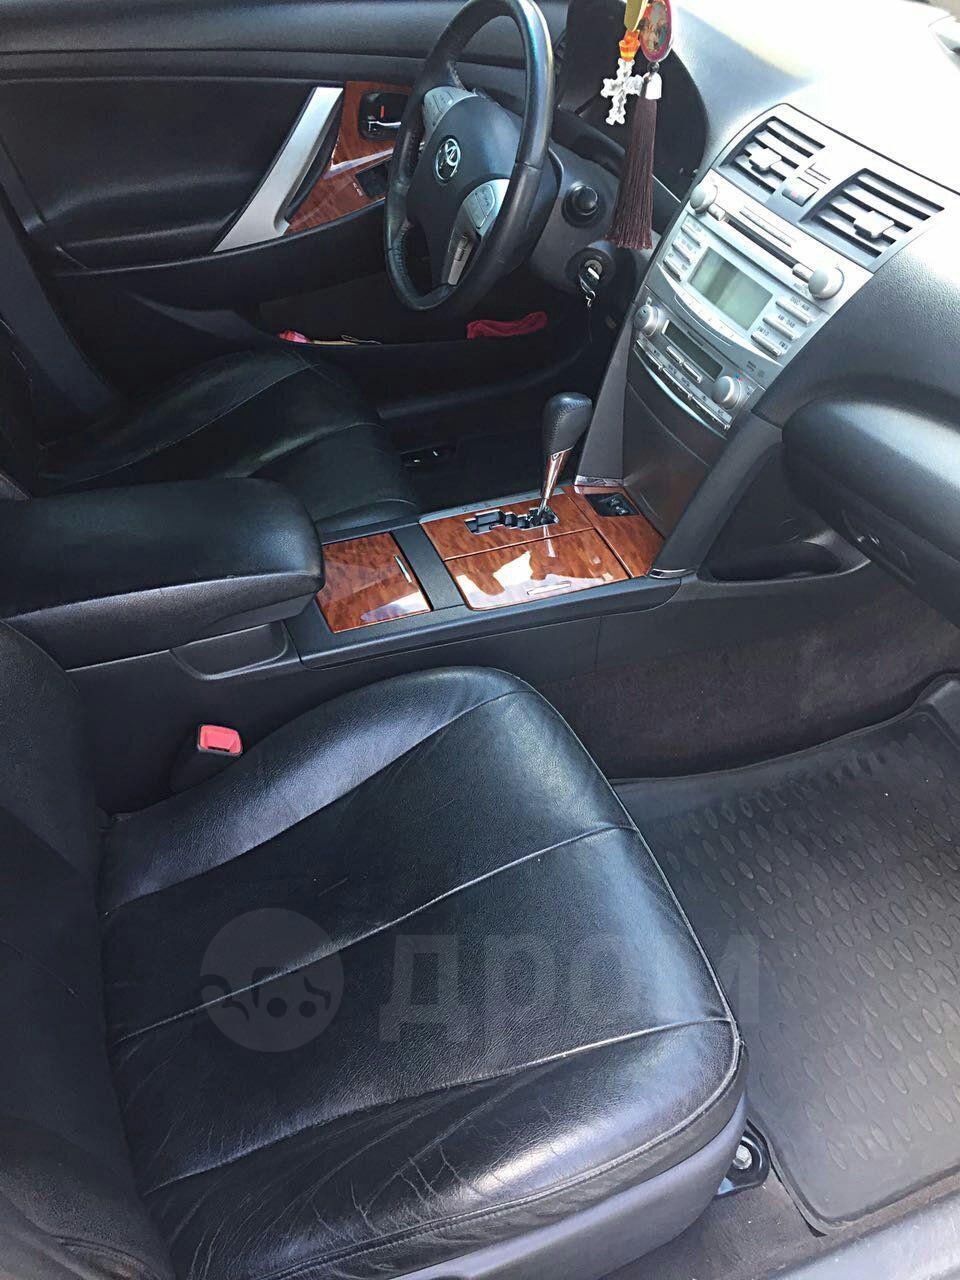 Toyota Camry (Тойота Кемри) у официального дилера Тойота ...